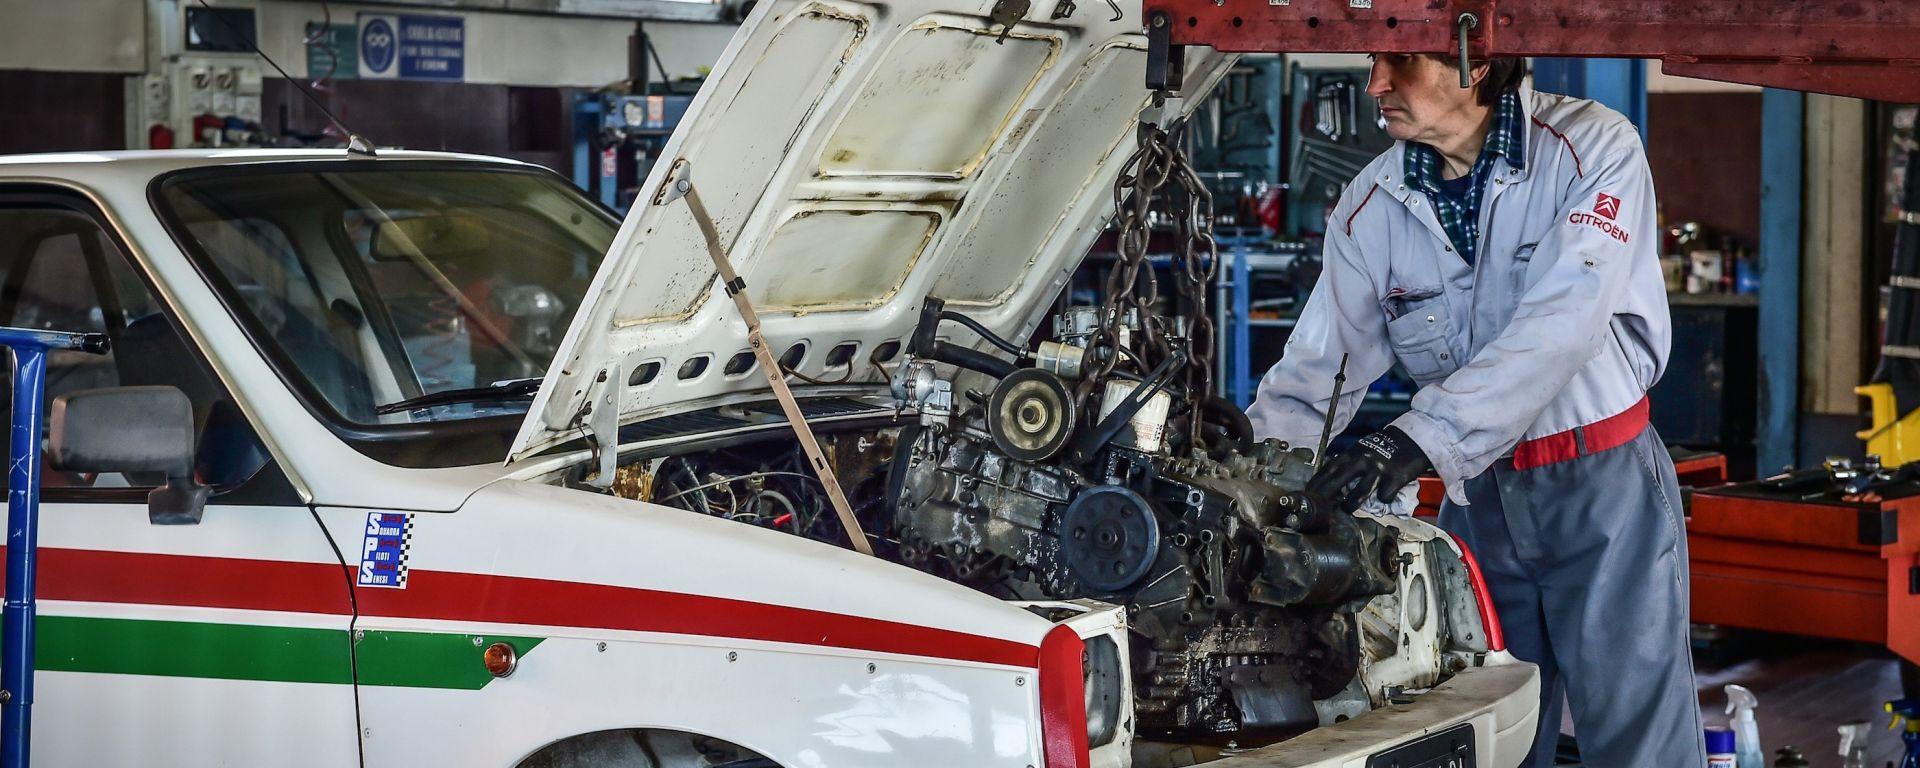 Citroen Visa Chrono: il motore è stato completamente smontato